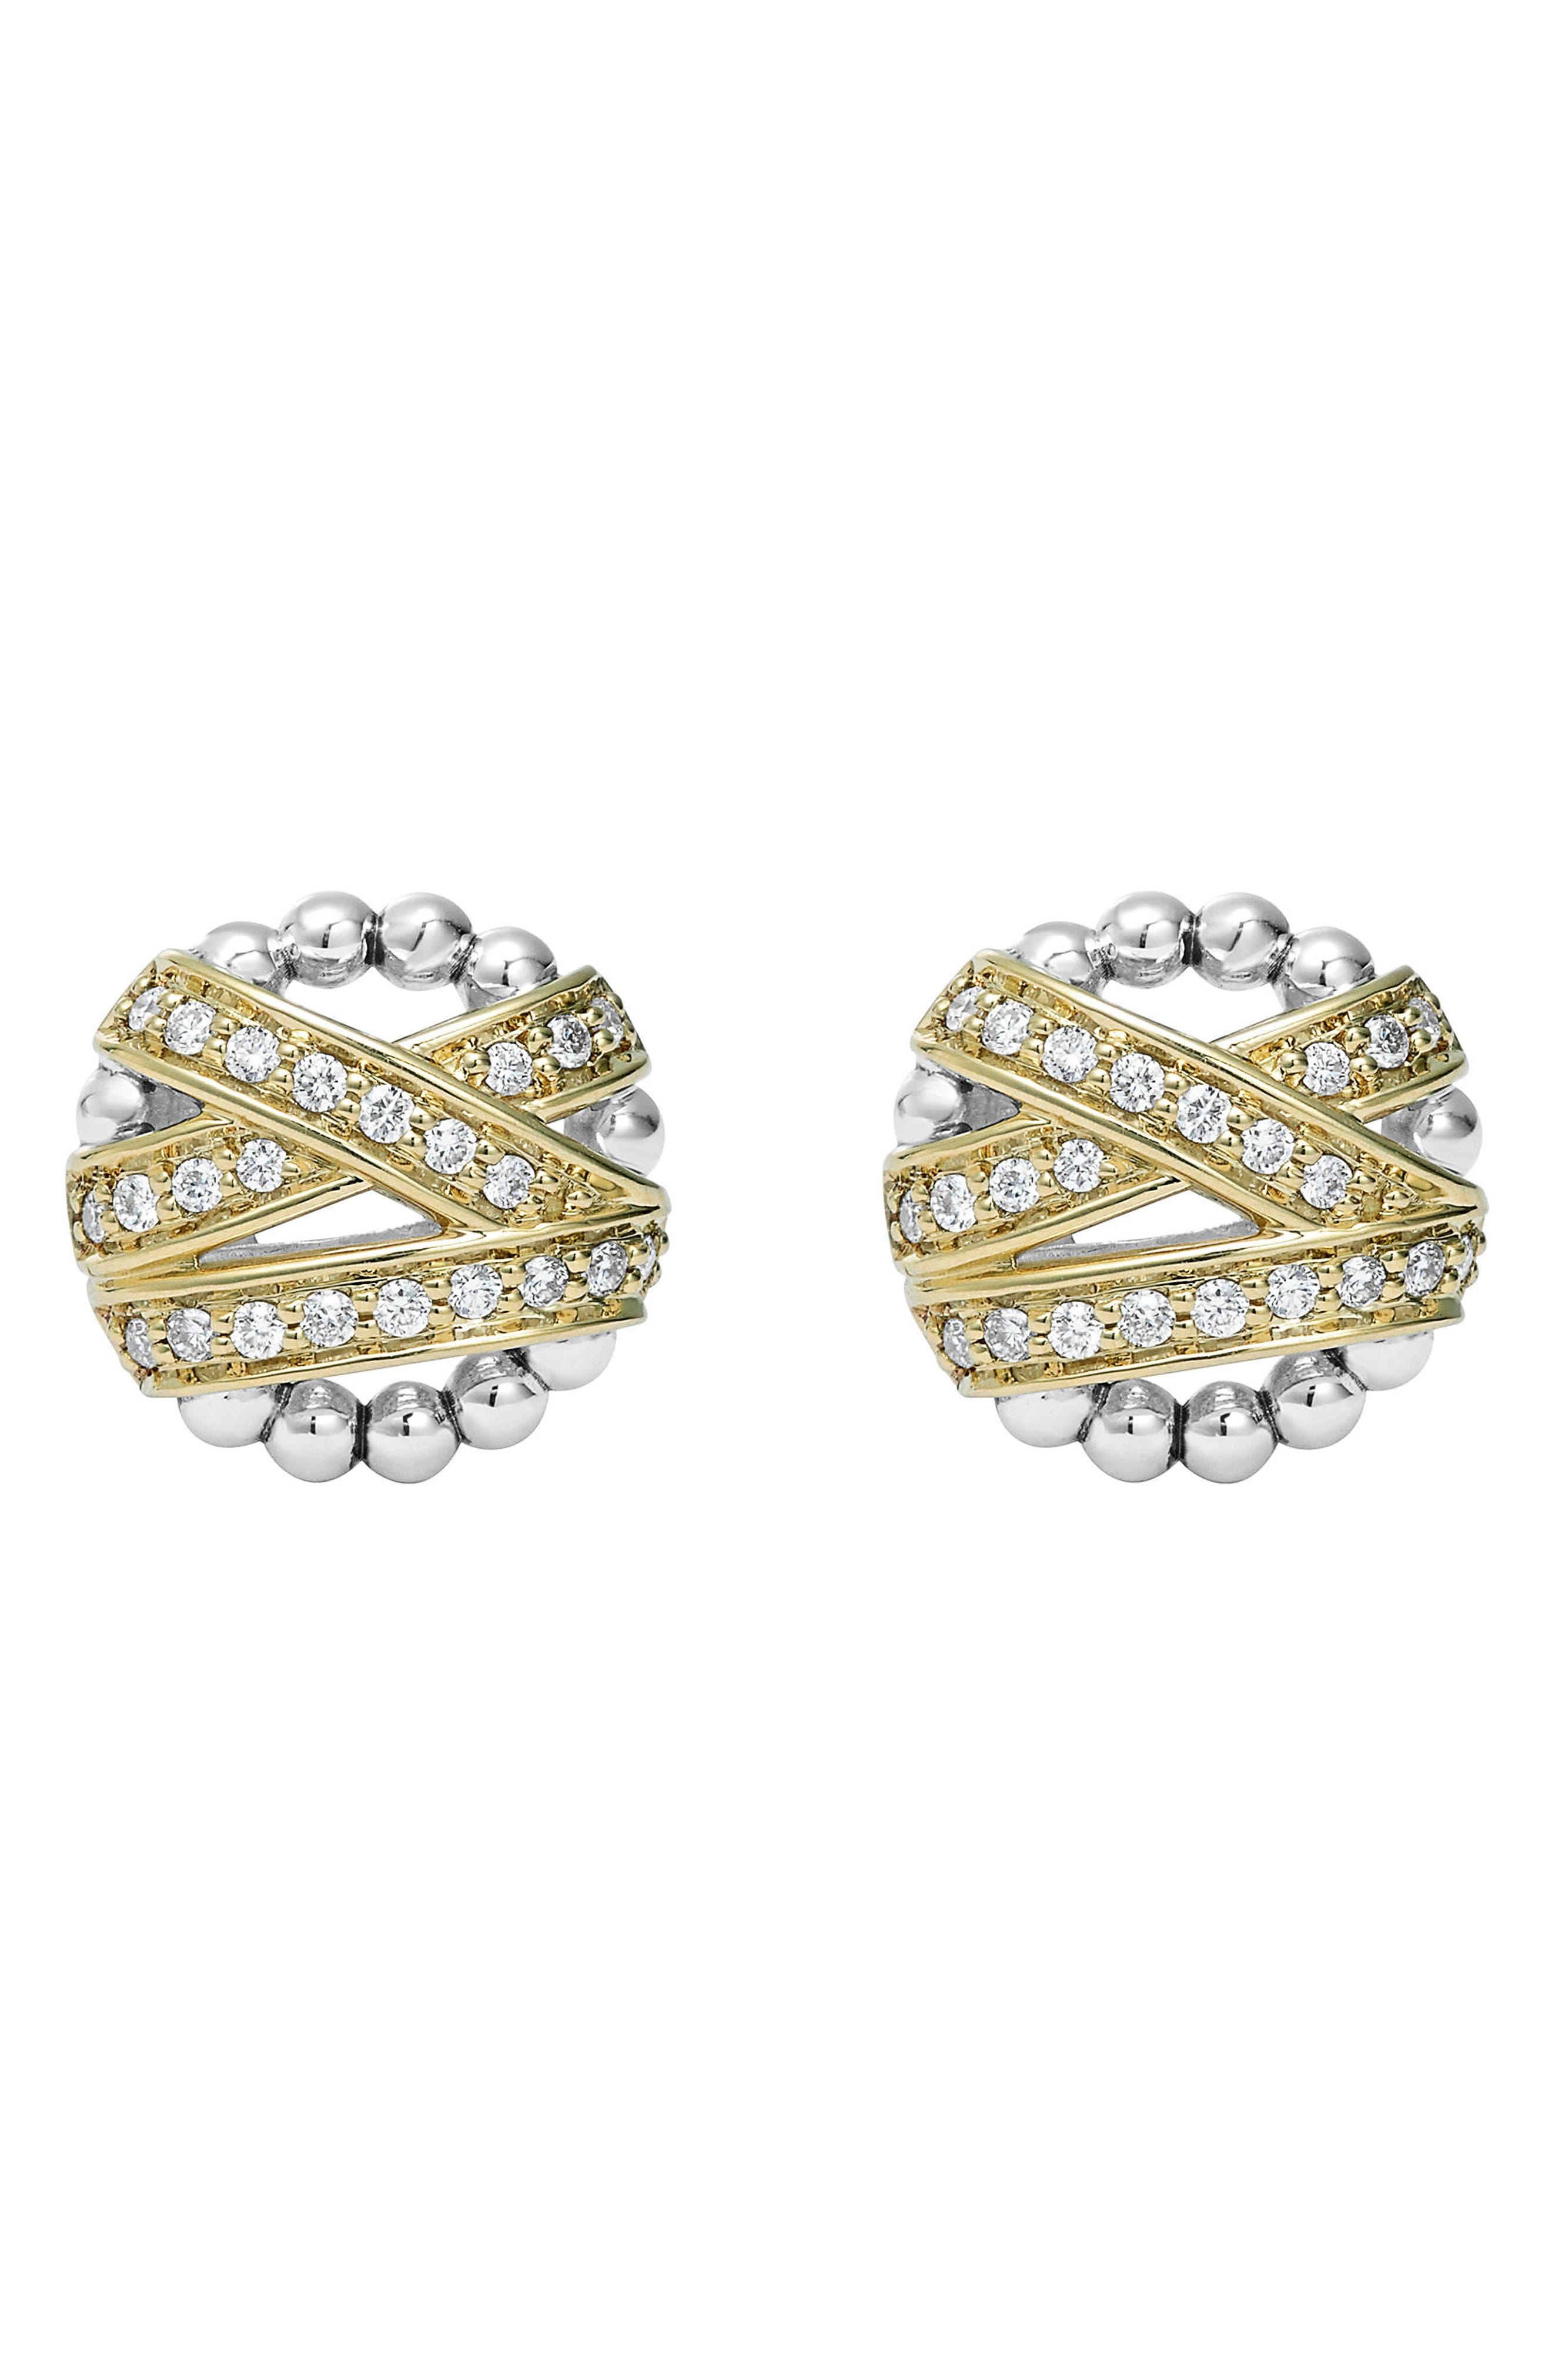 Alternate Image 2  - LAGOS 'Diamonds & Caviar' Diamond Stud Earrings